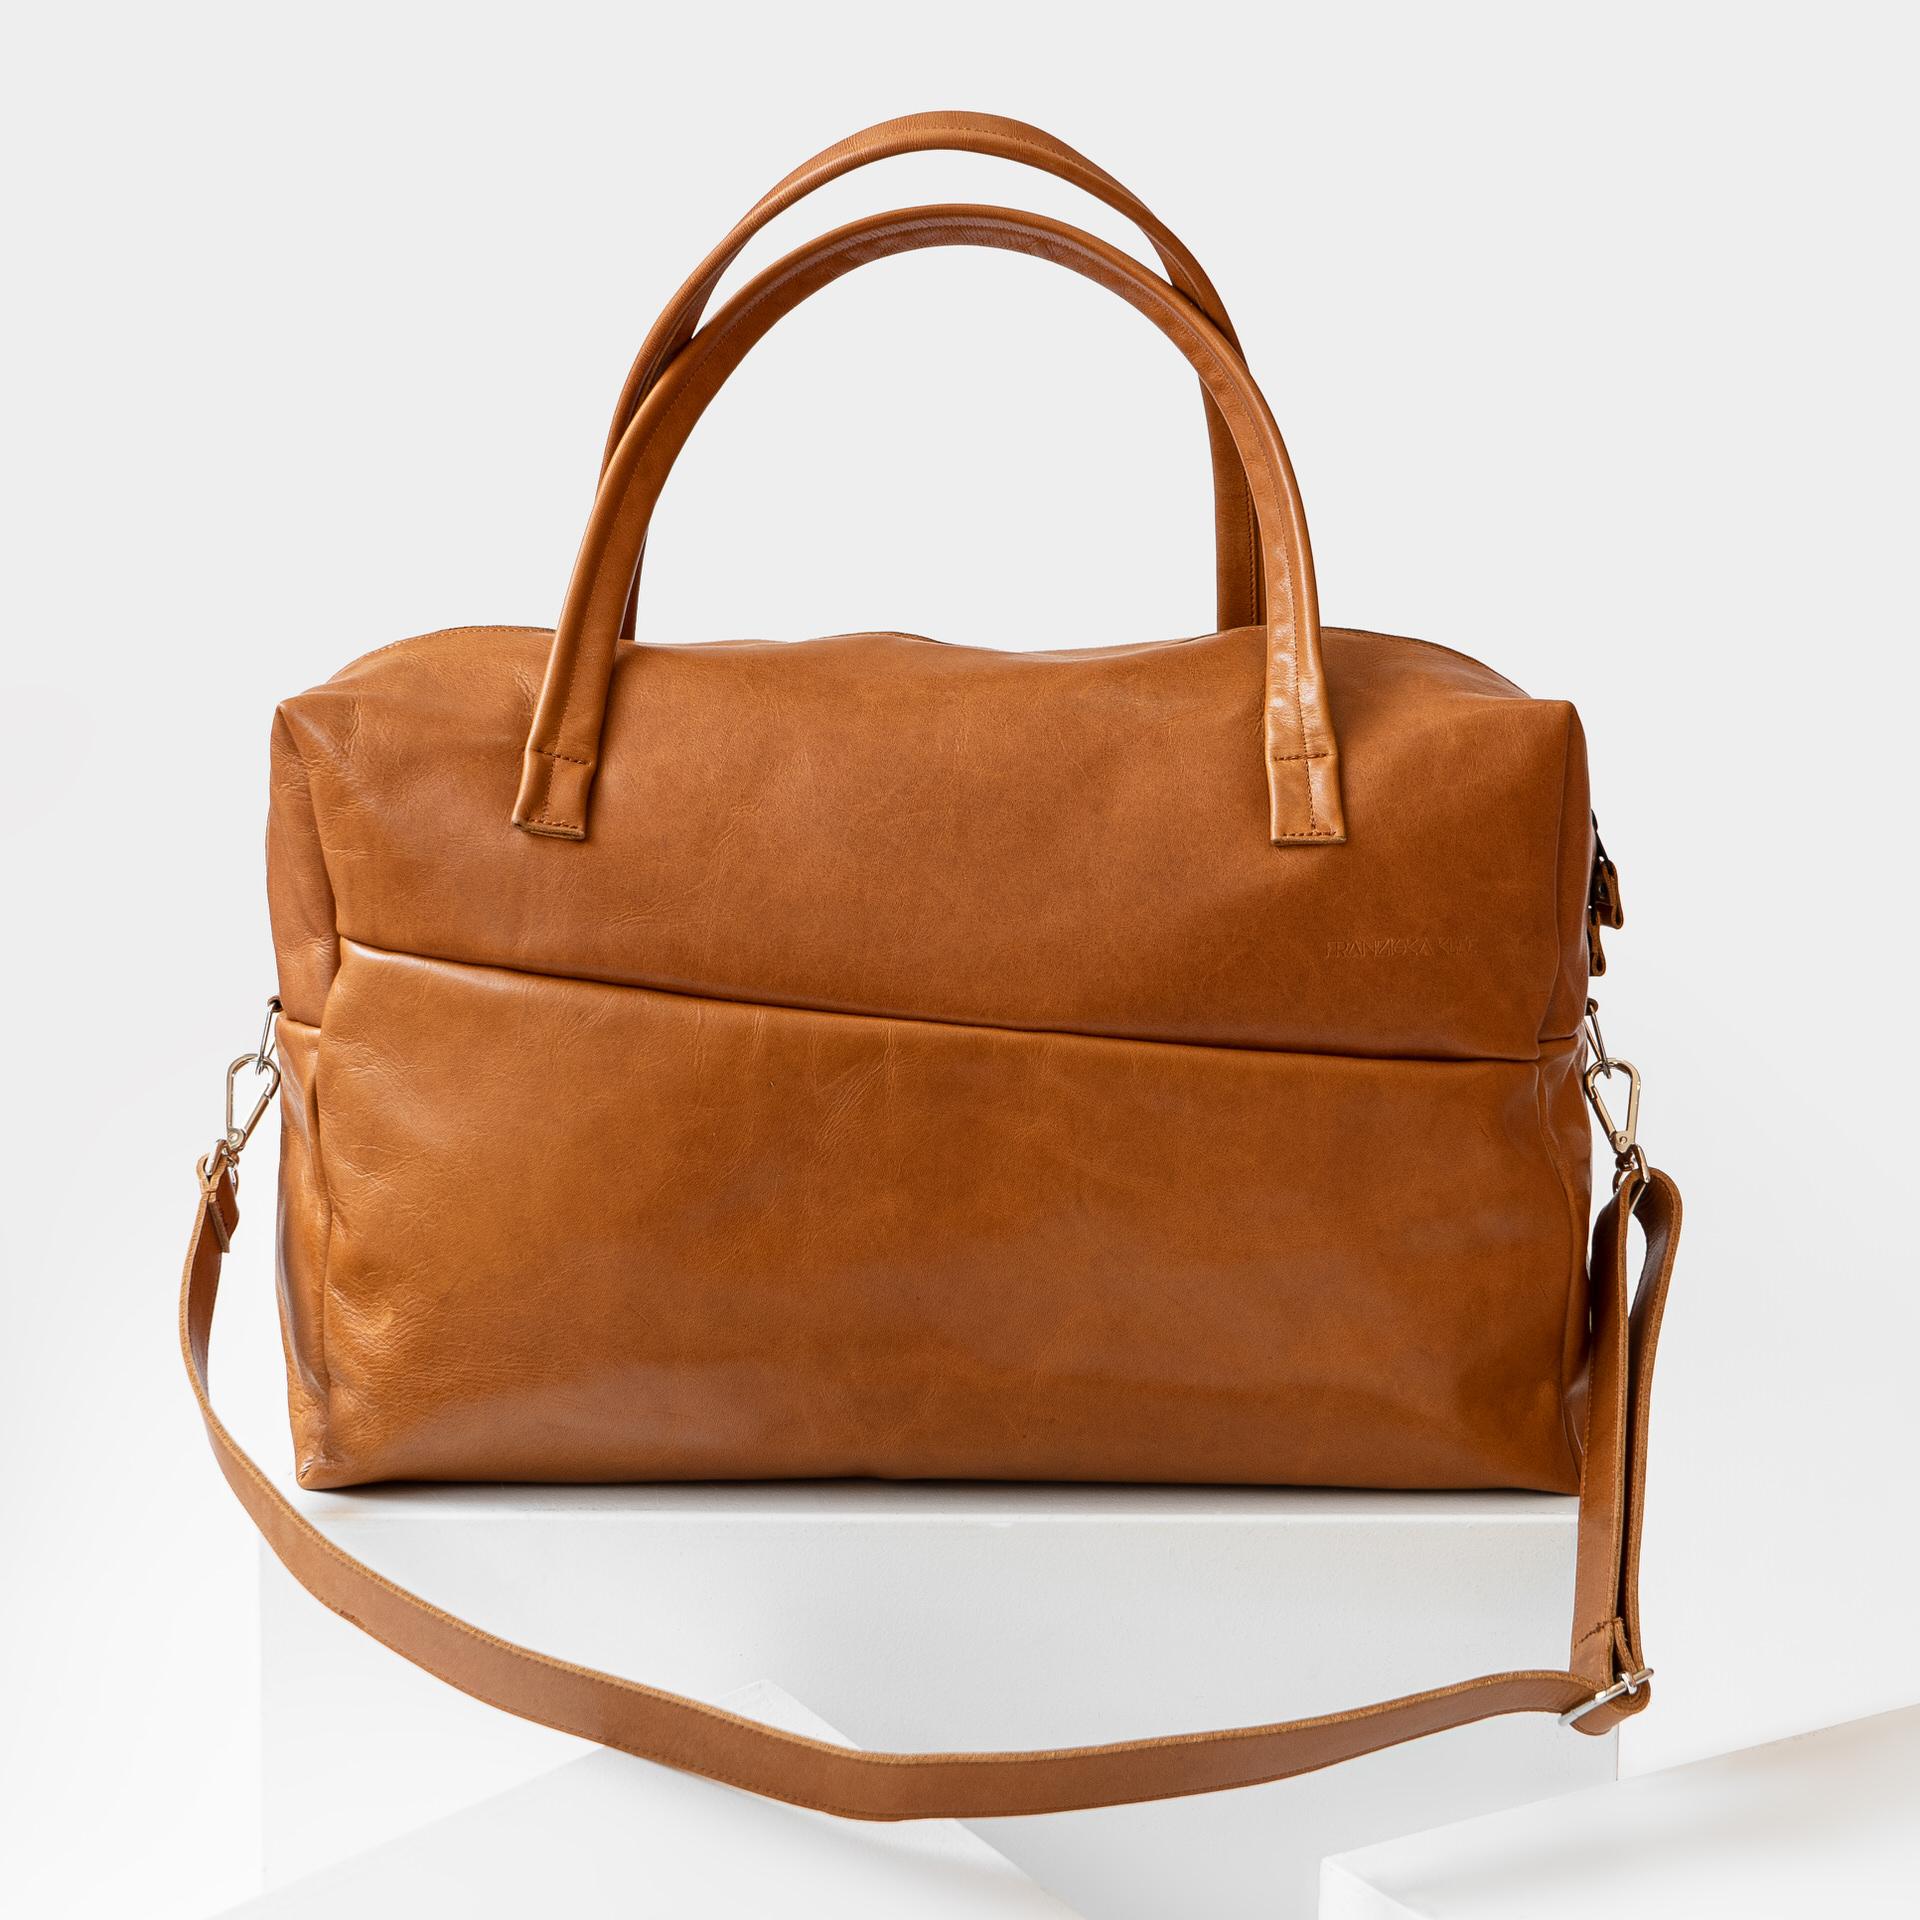 Frontansicht Weekender Reisetasche RIO mit Henkeln und Schultergurt aus cognacfarbenem geölten Naturleder